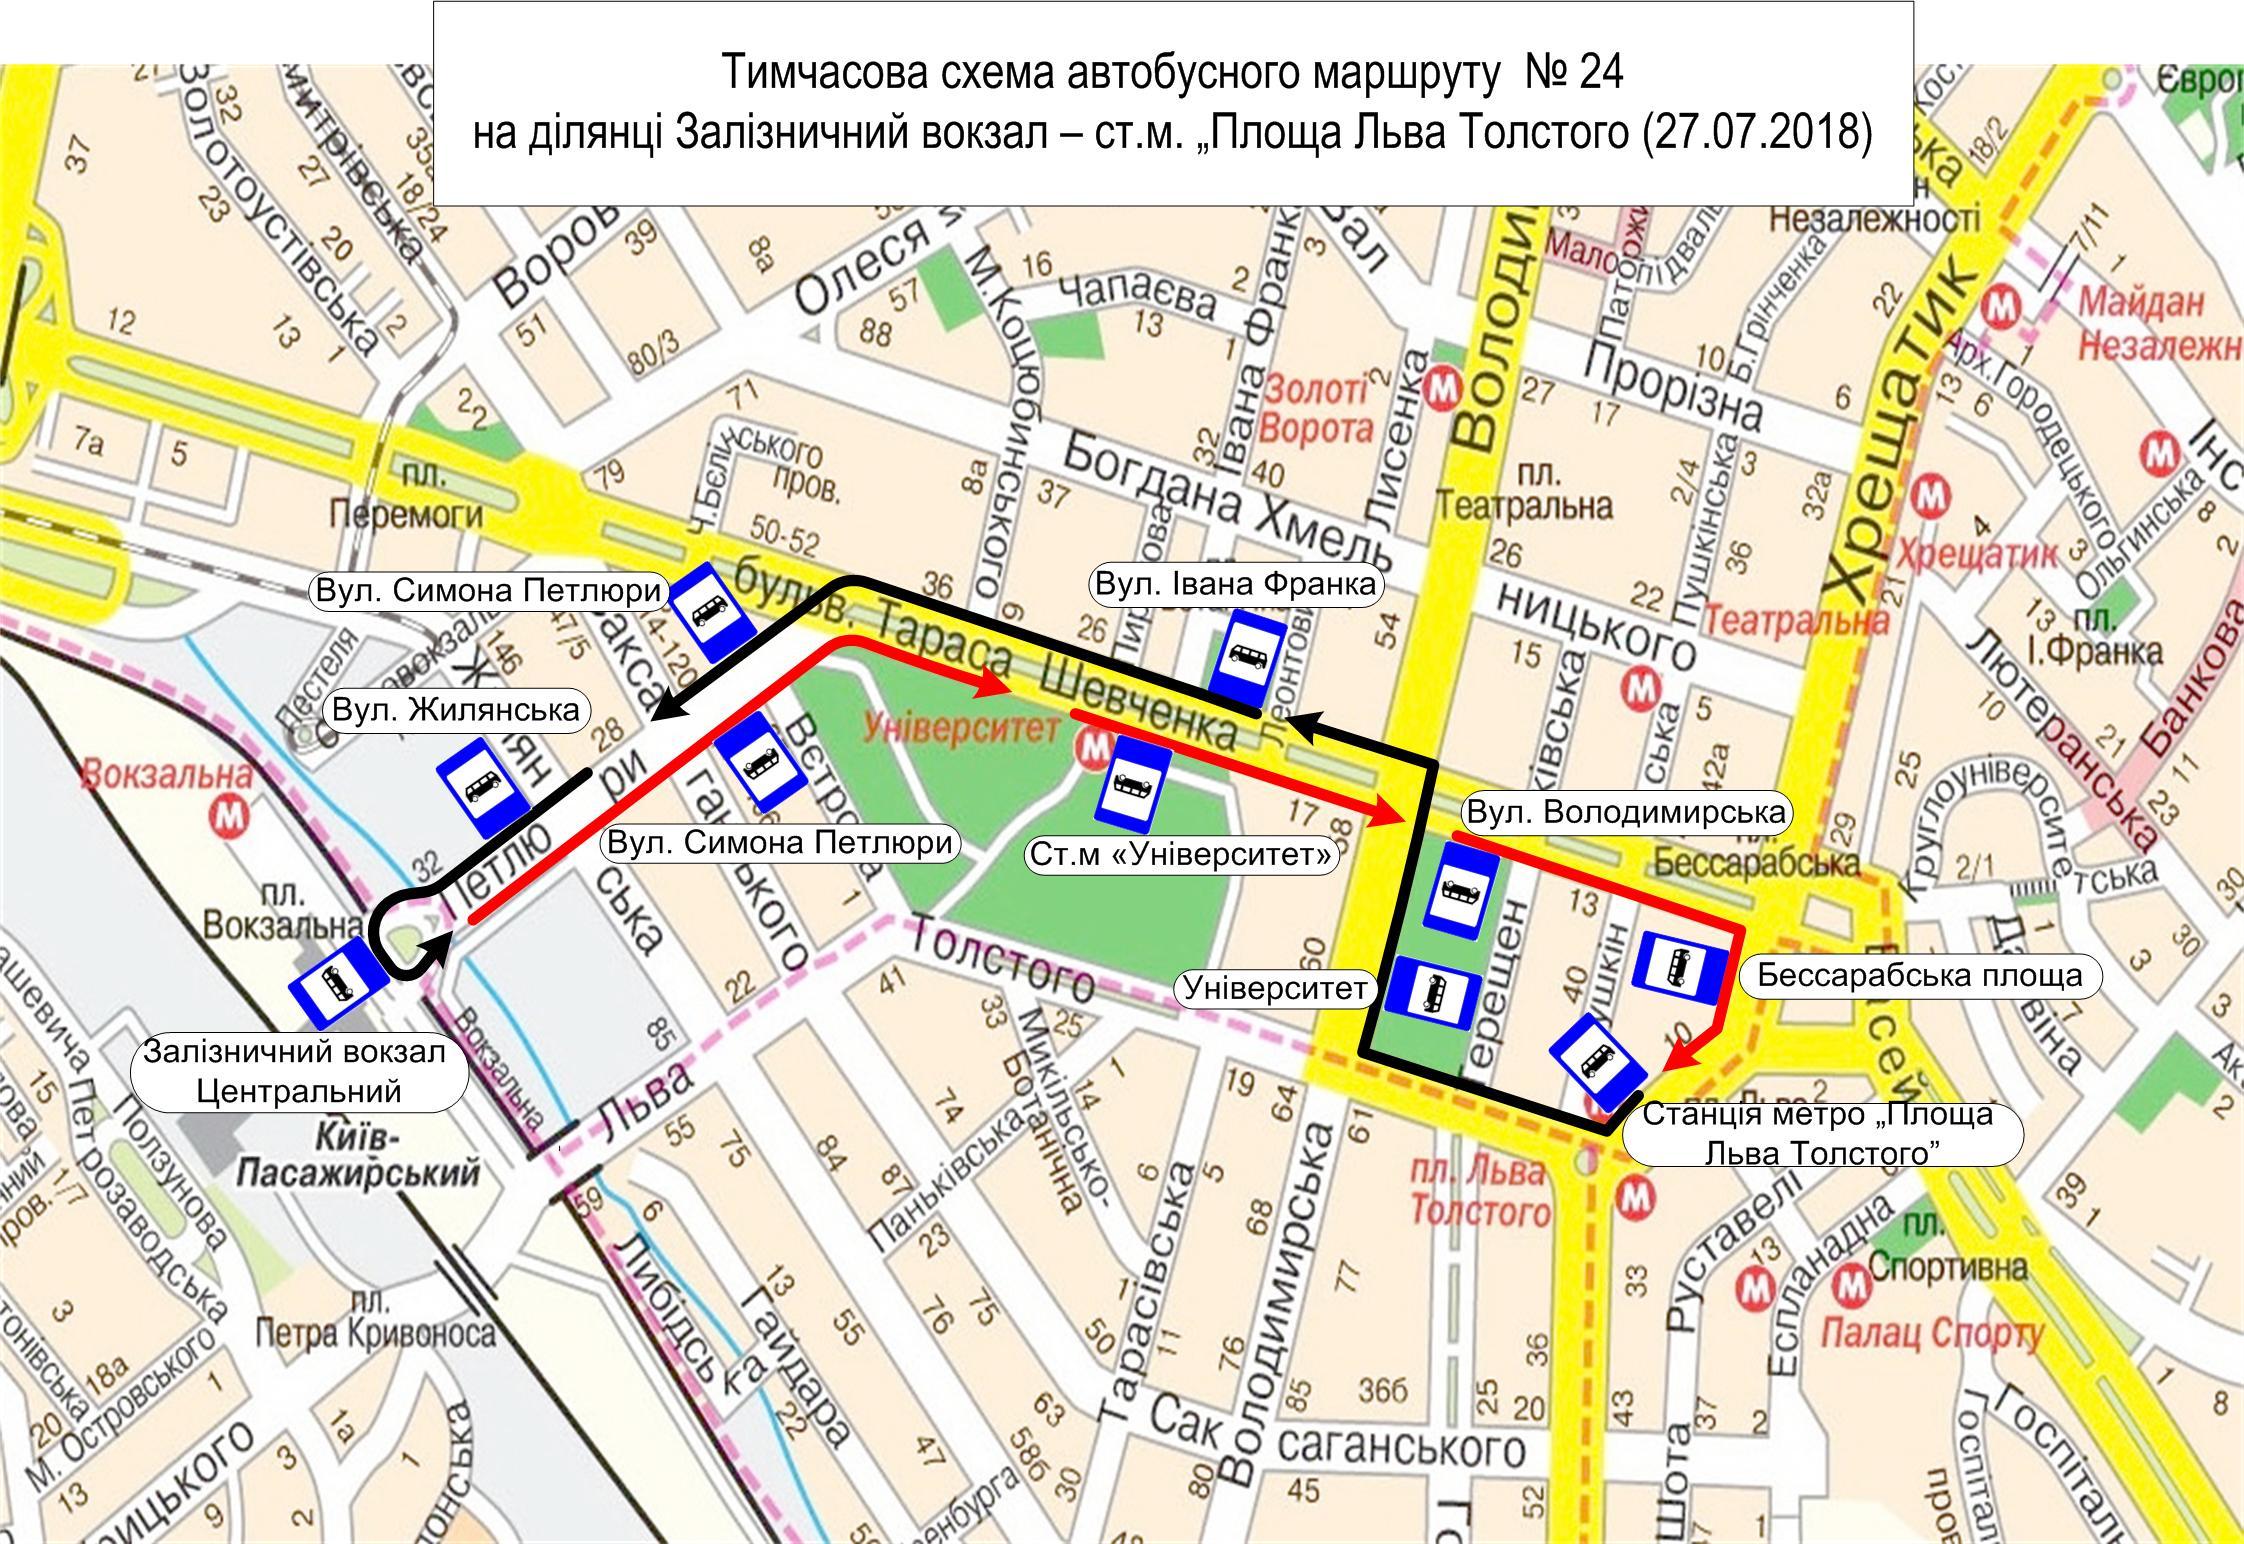 Движение автобуса № 24